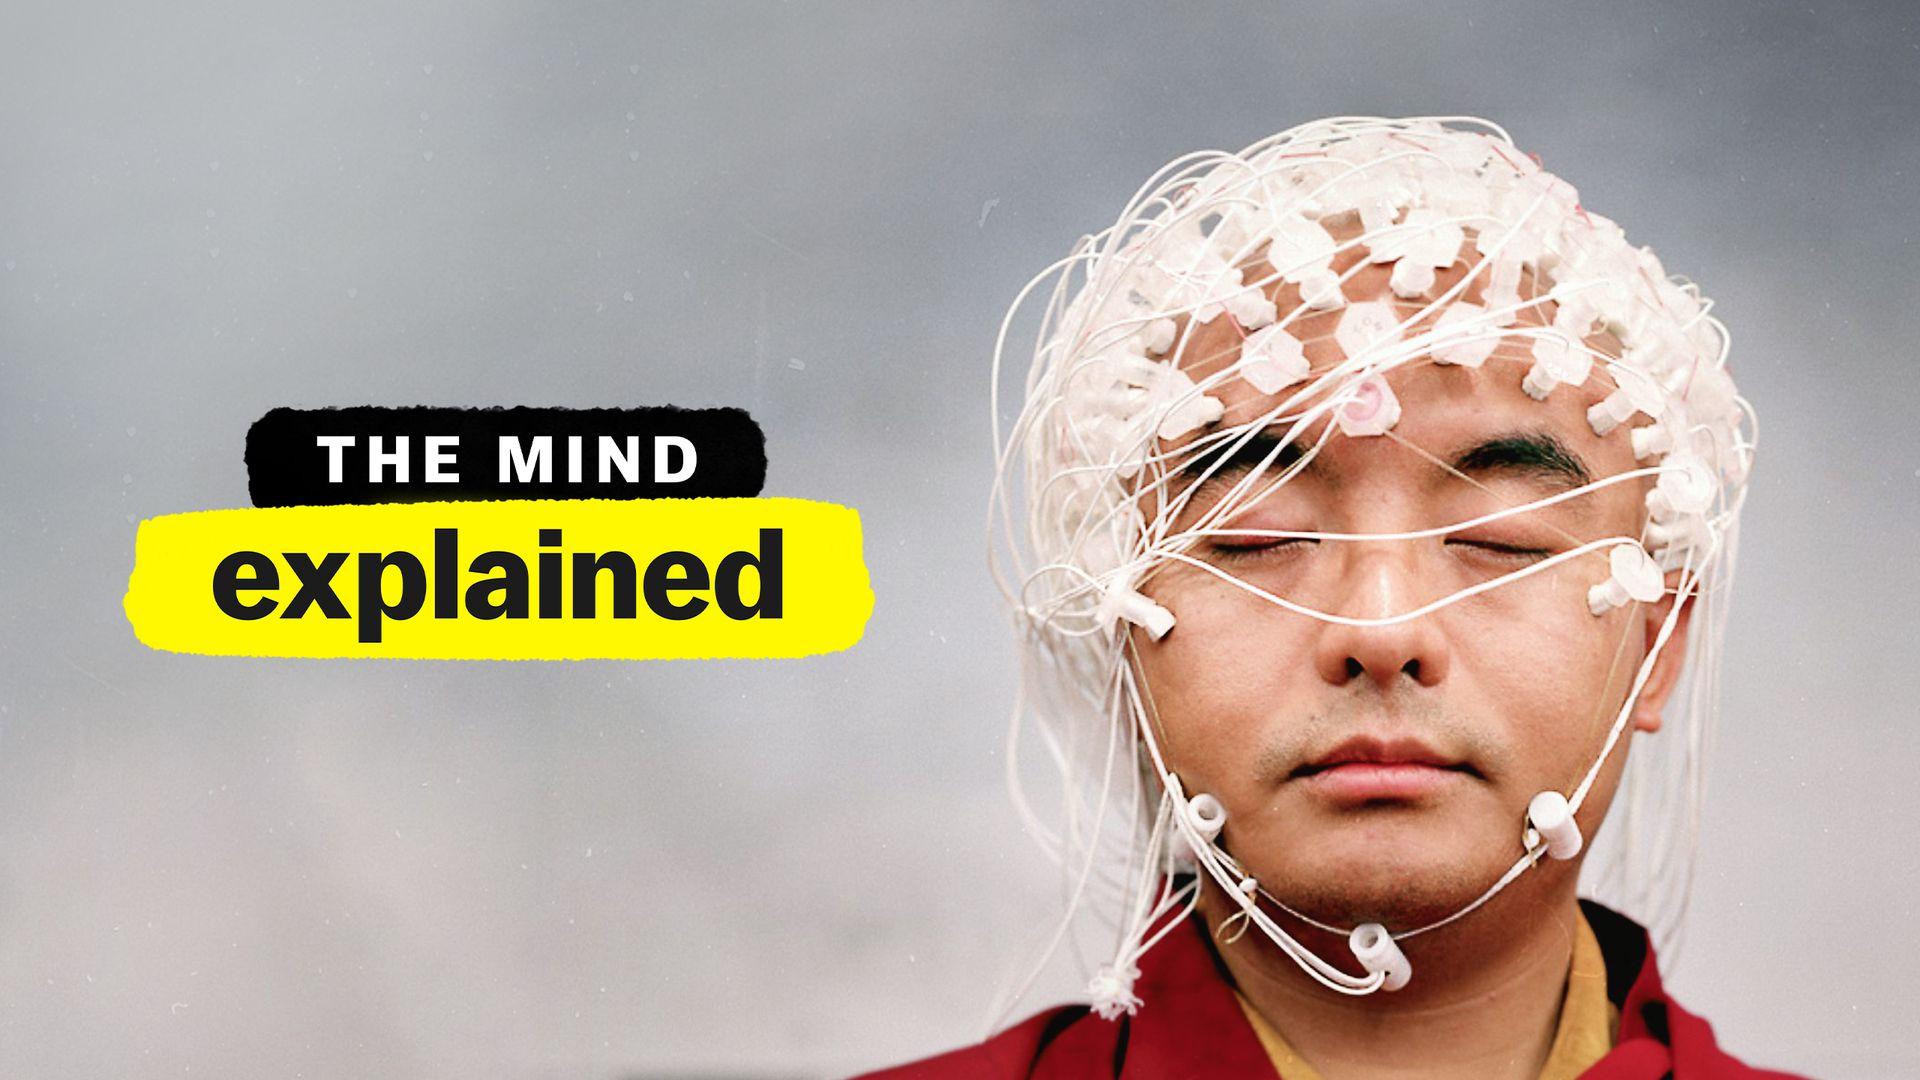 ذهن تشریح شده (مستند)